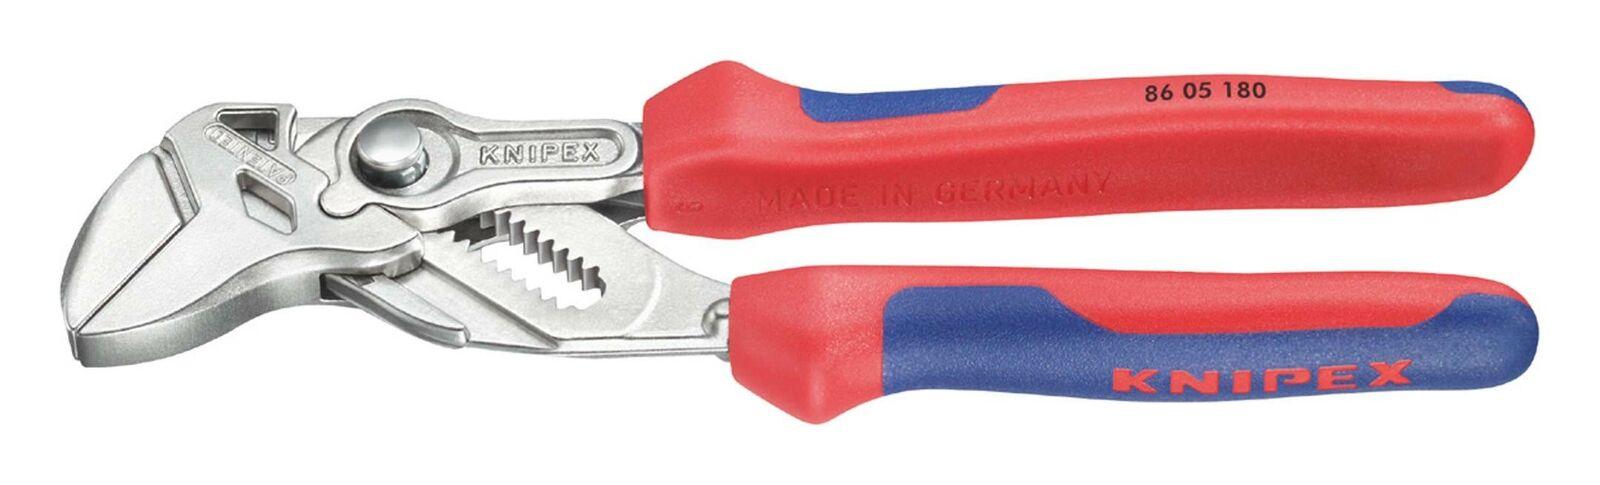 Knipex Zangenschlüssel 250mm mit Mehrkomponenten-Griff - 86 05 250